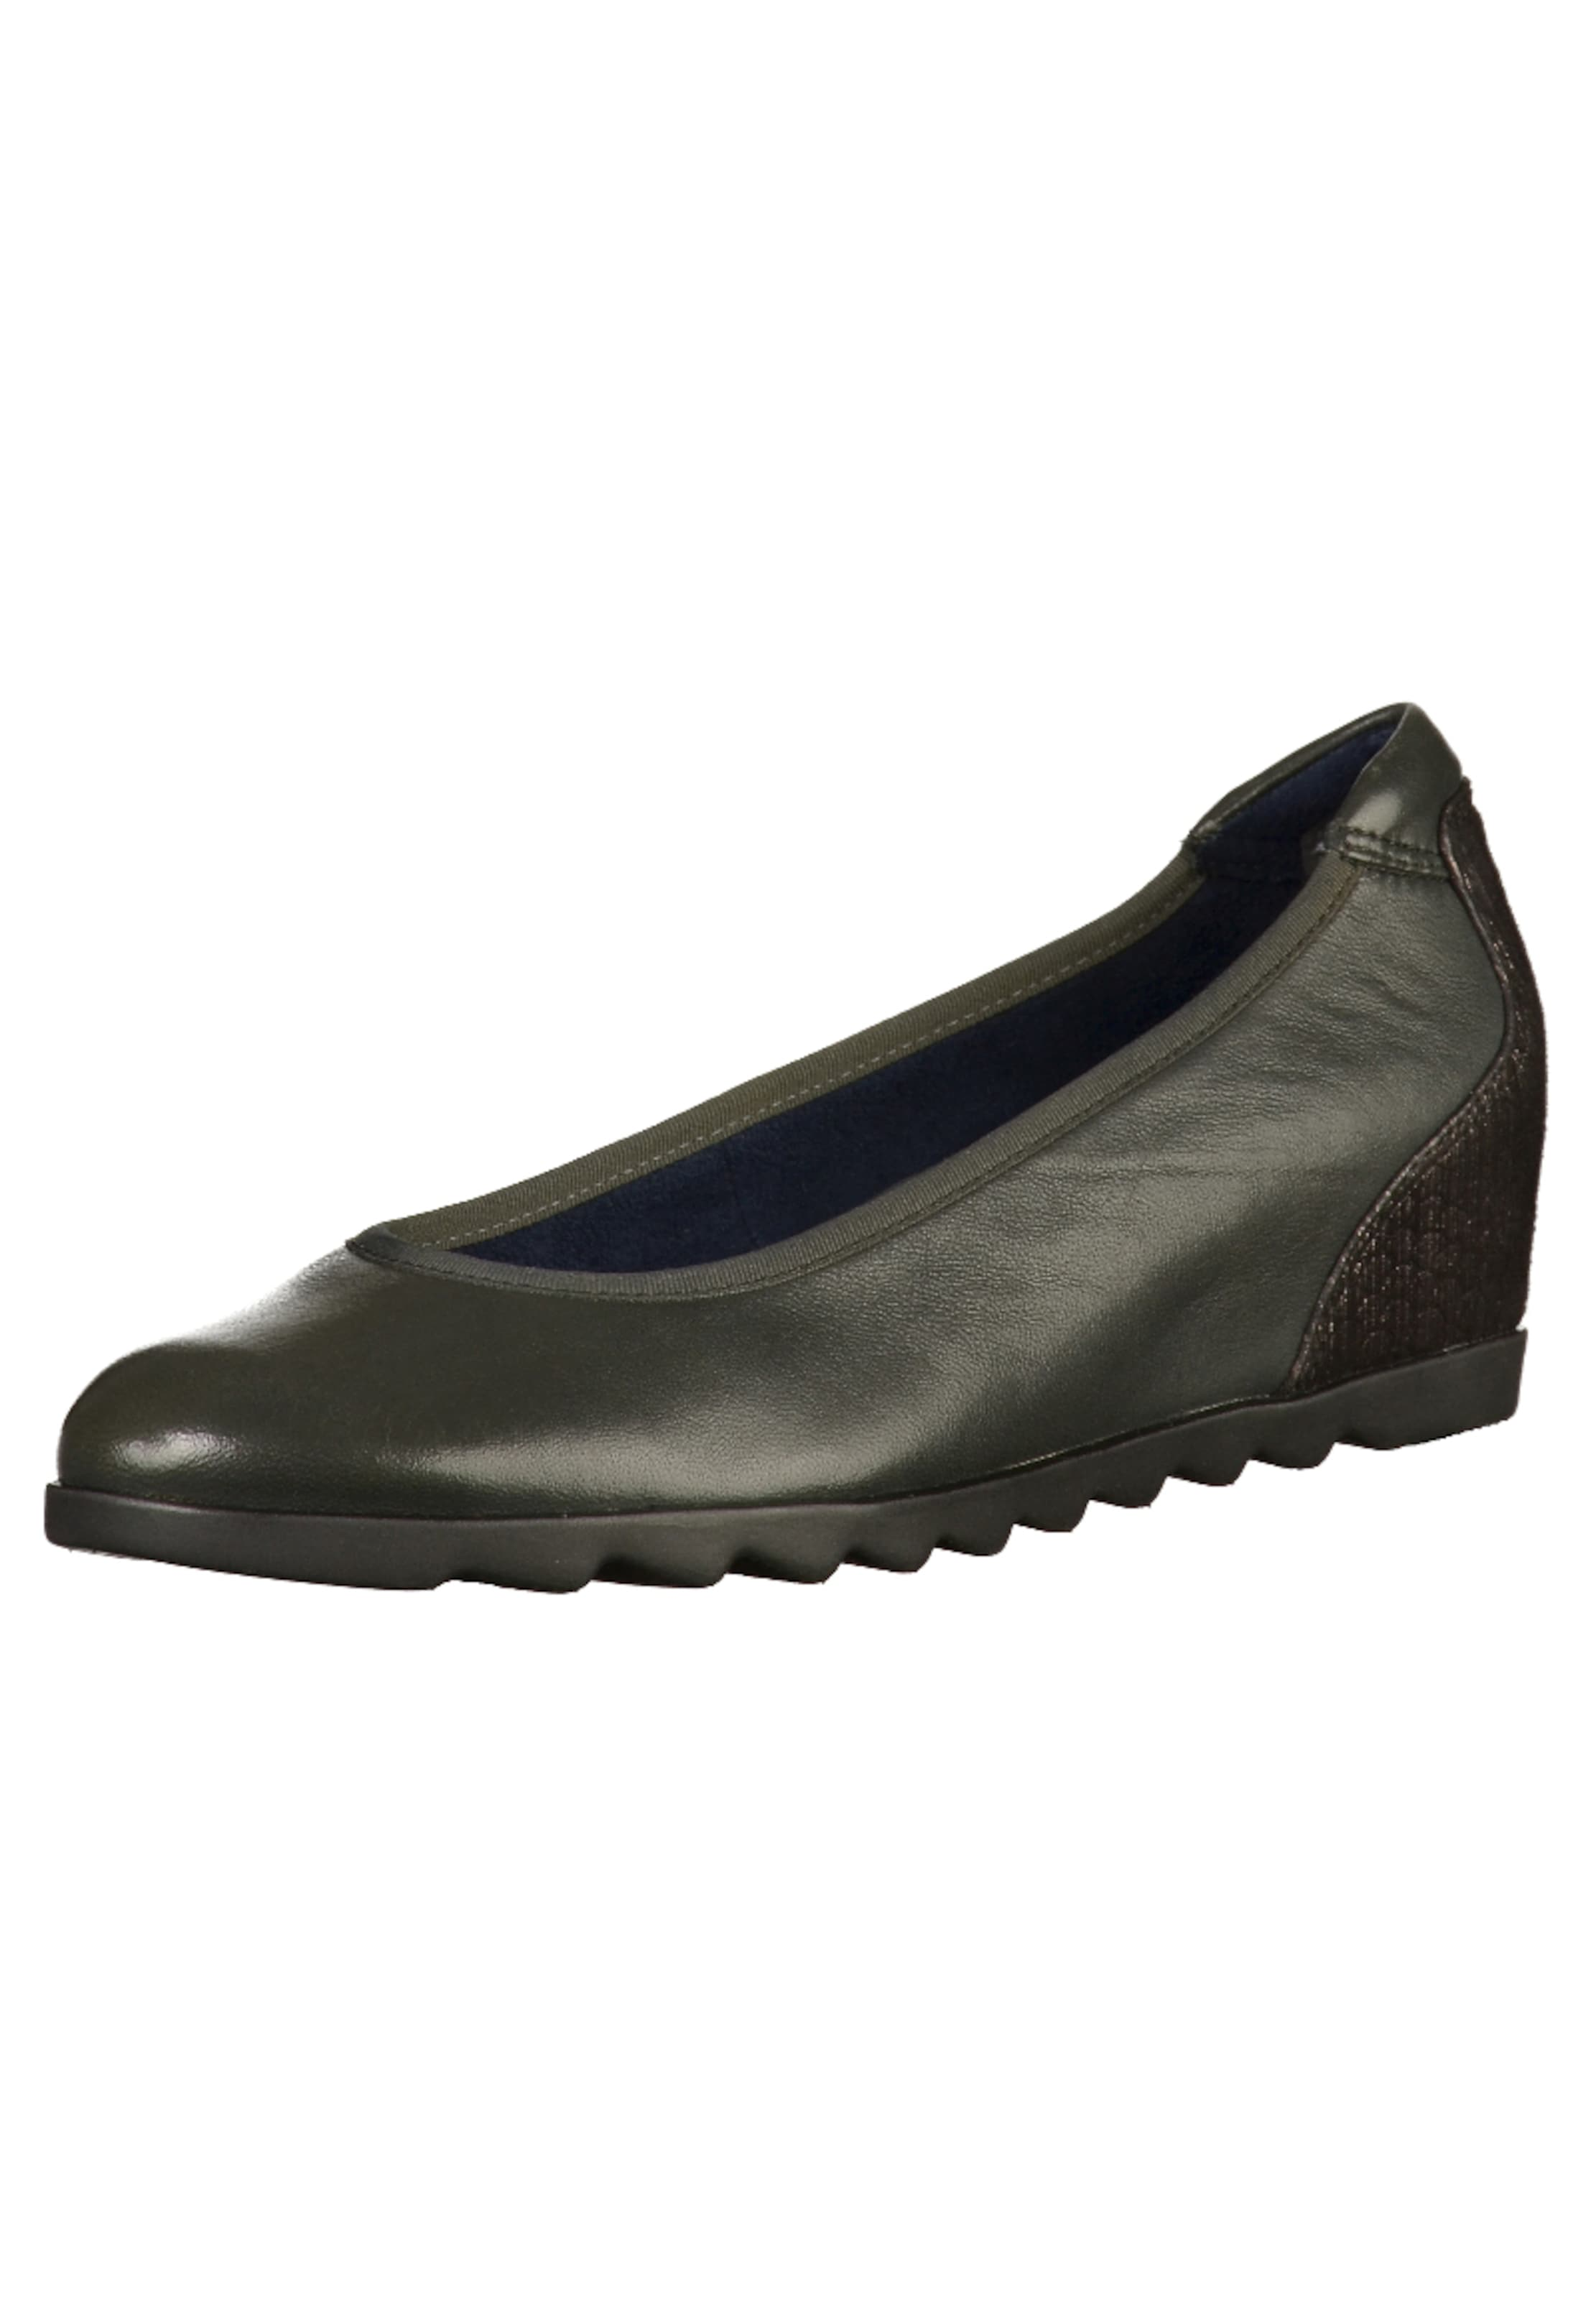 Skechers Schnürhalbschuh Verschleißfeste billige Schuhe Hohe